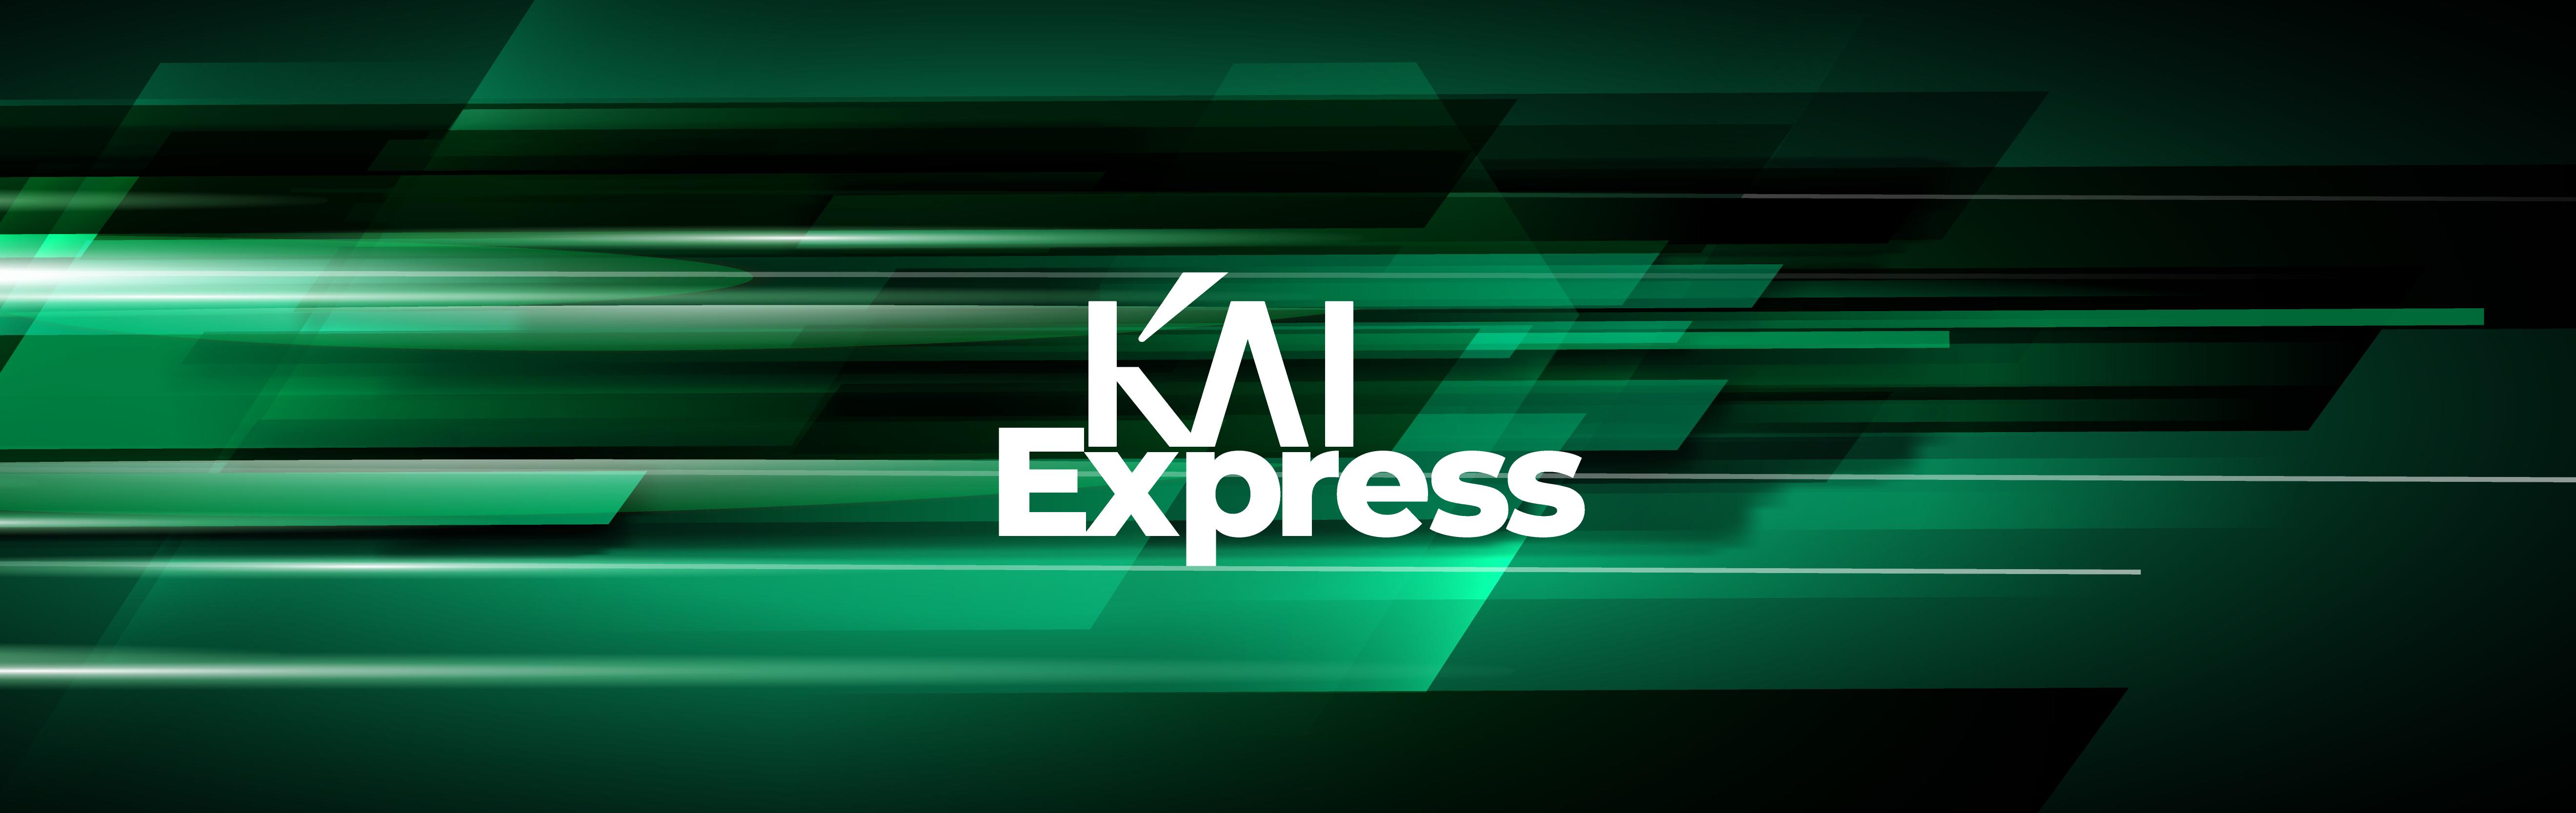 KAI Express